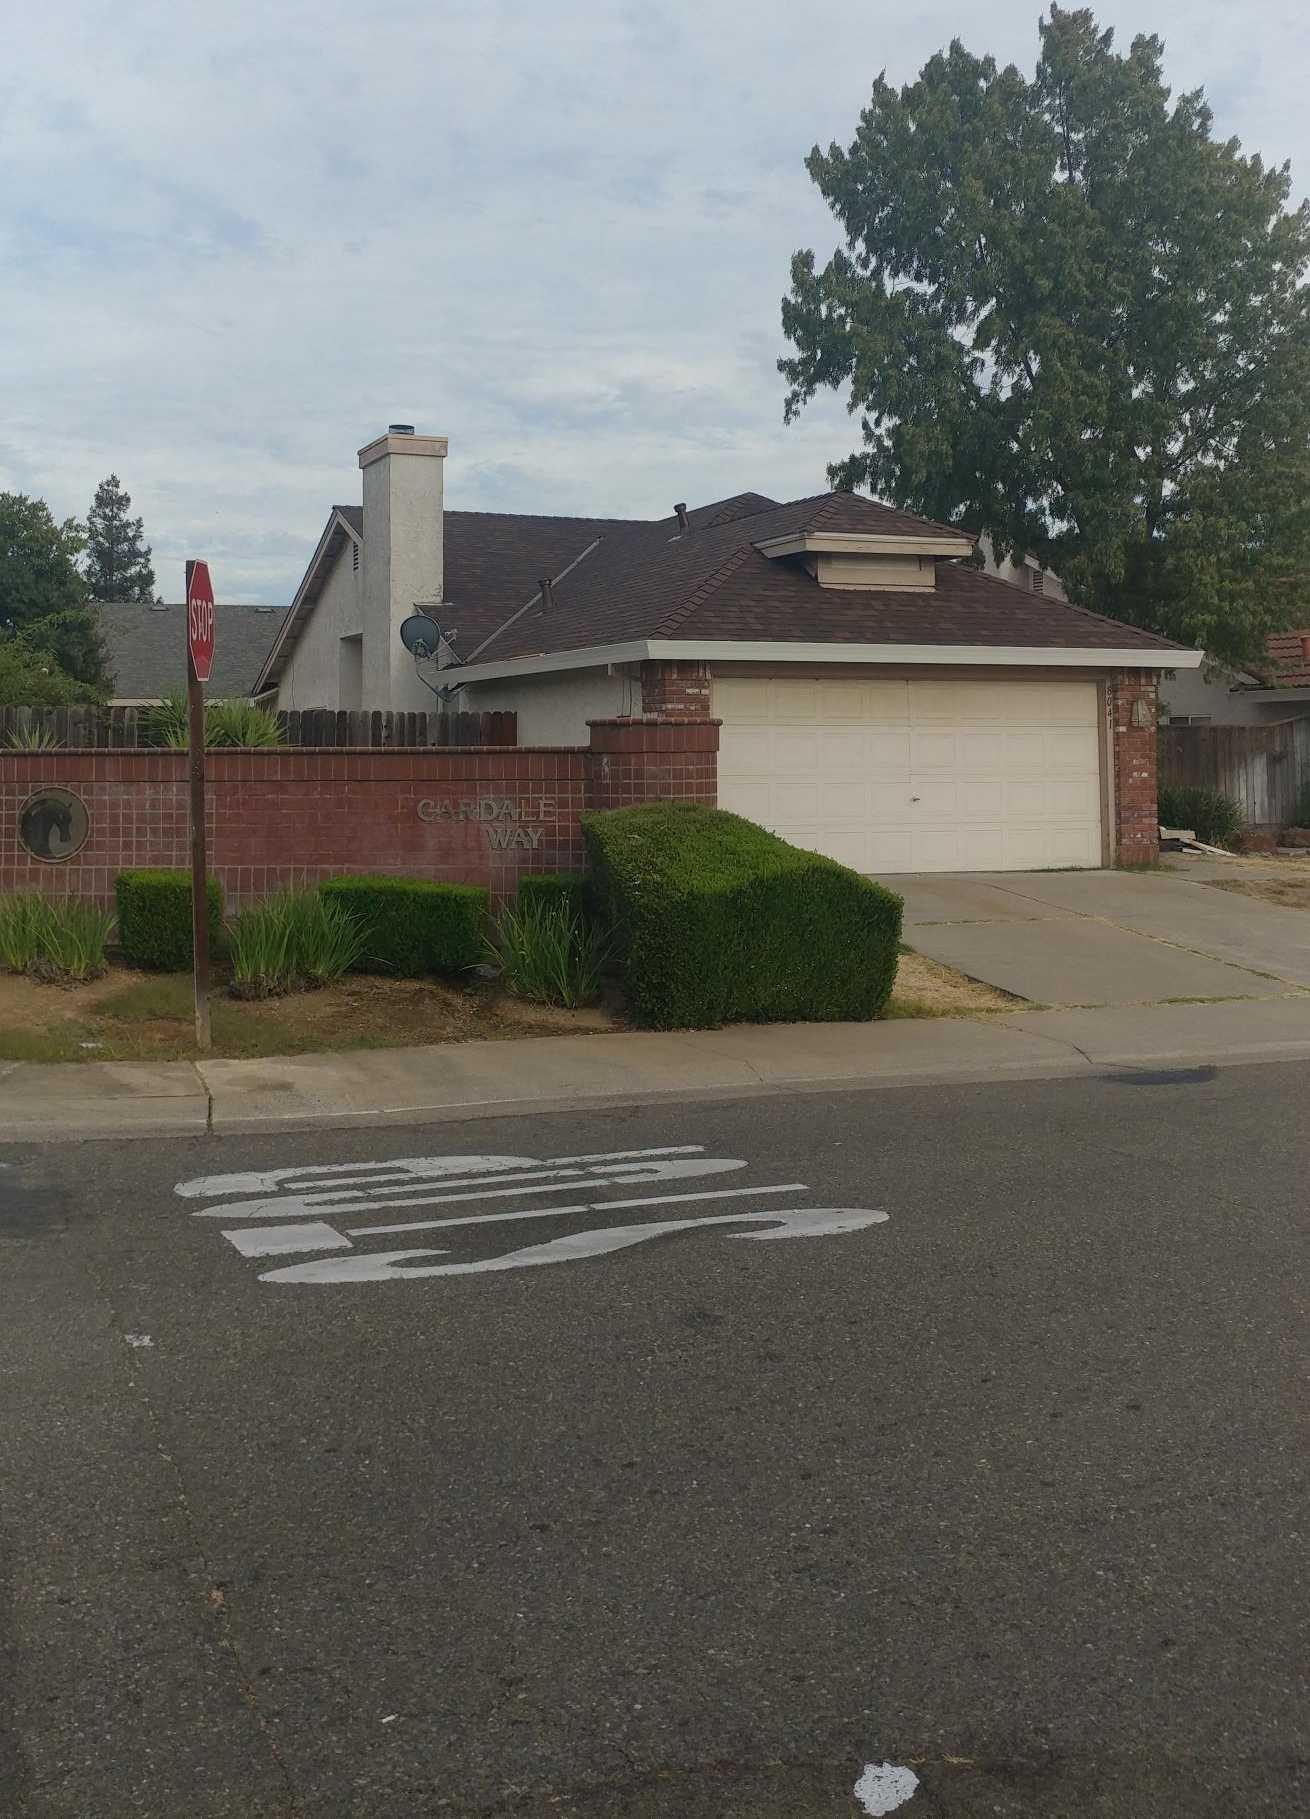 8041 Cardale Way Sacramento, CA 95829